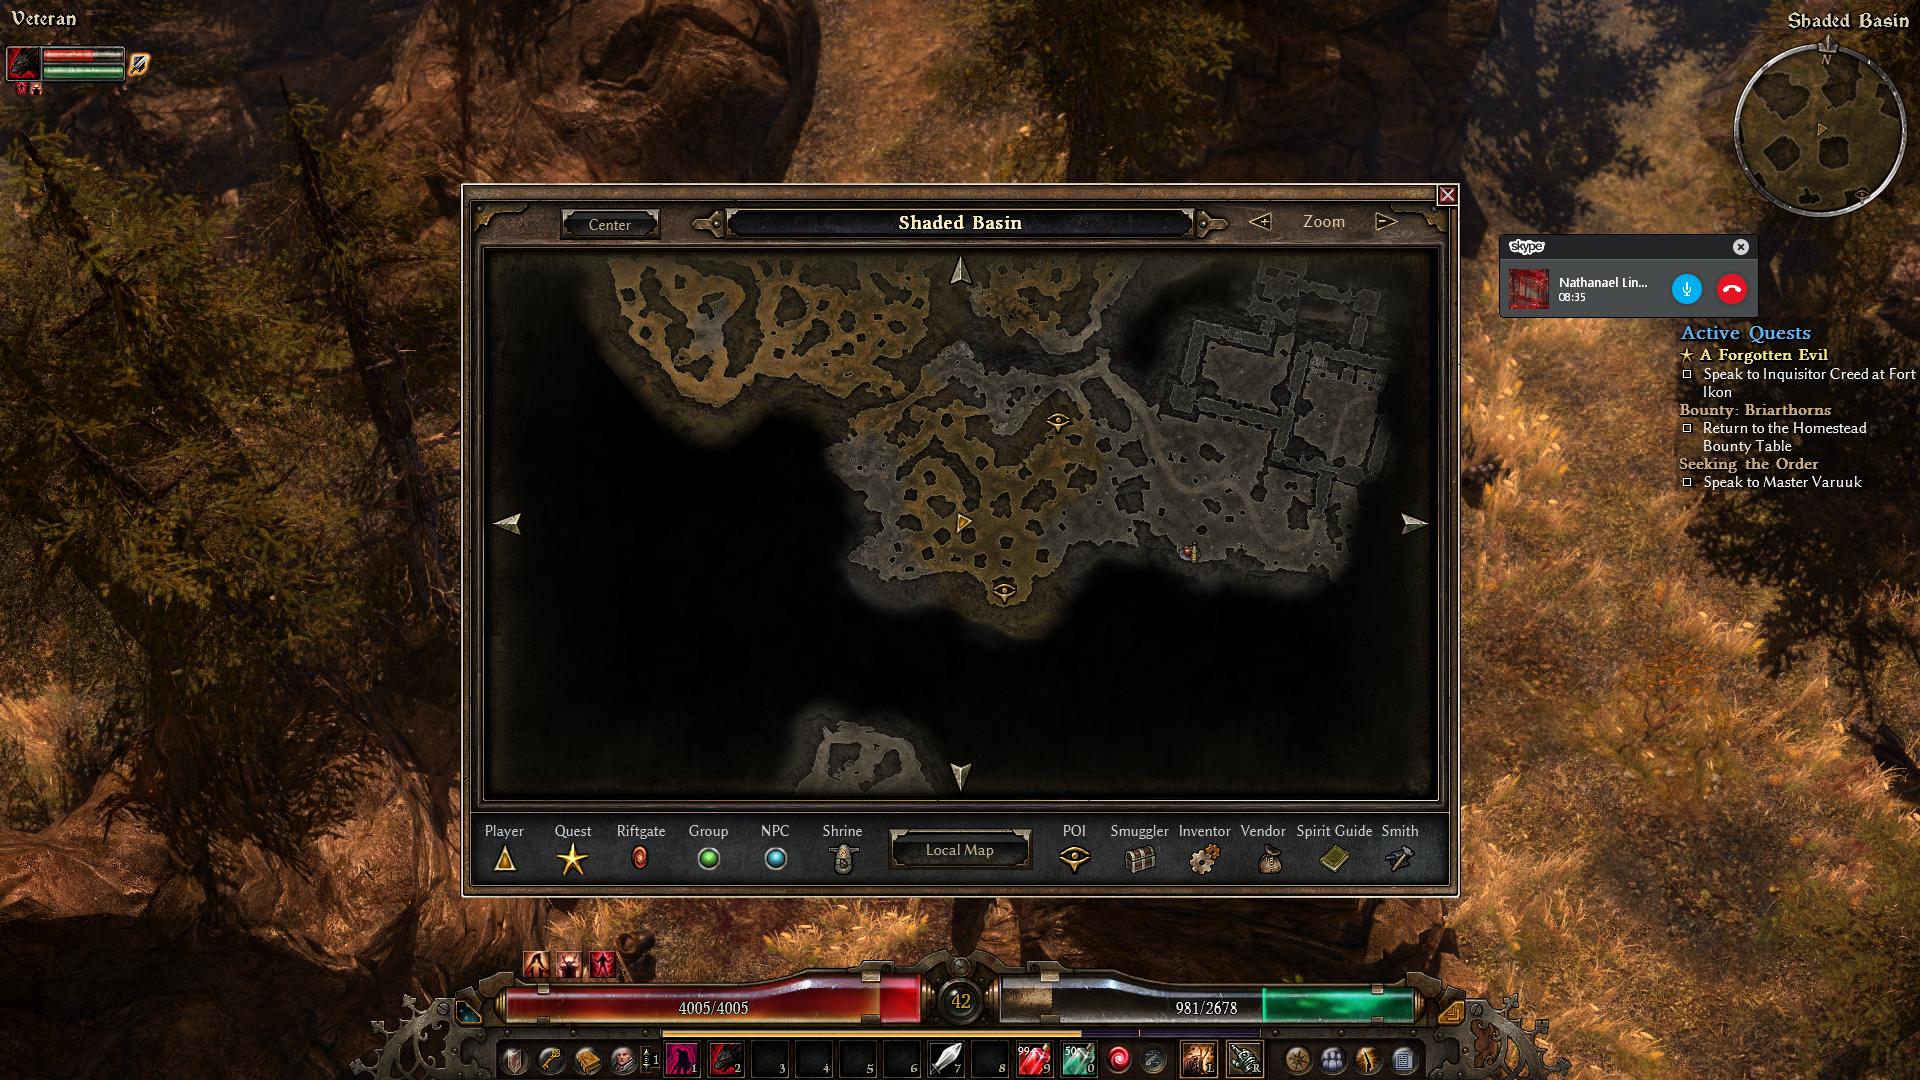 Bounty: Briarthorns | Grim Dawn Wiki | FANDOM powered by Wikia